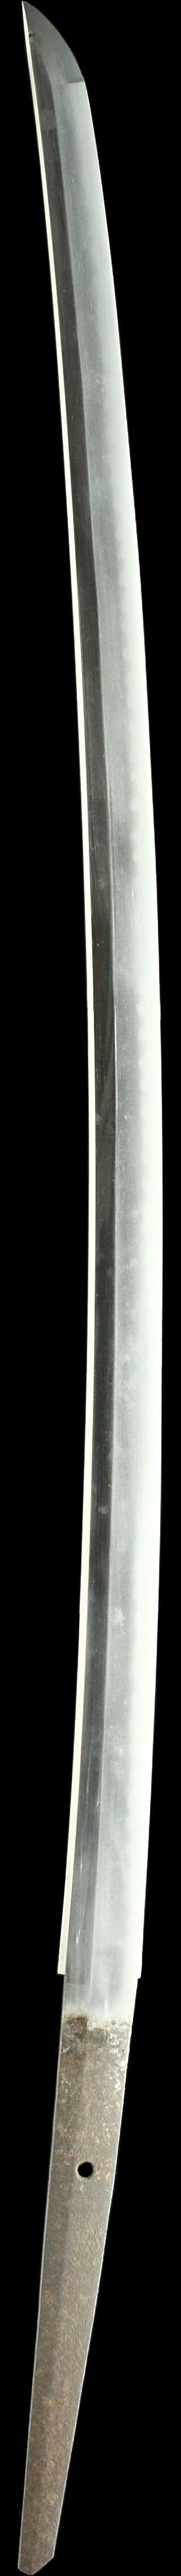 日本刀・河内守行広の刀身縦裏全景